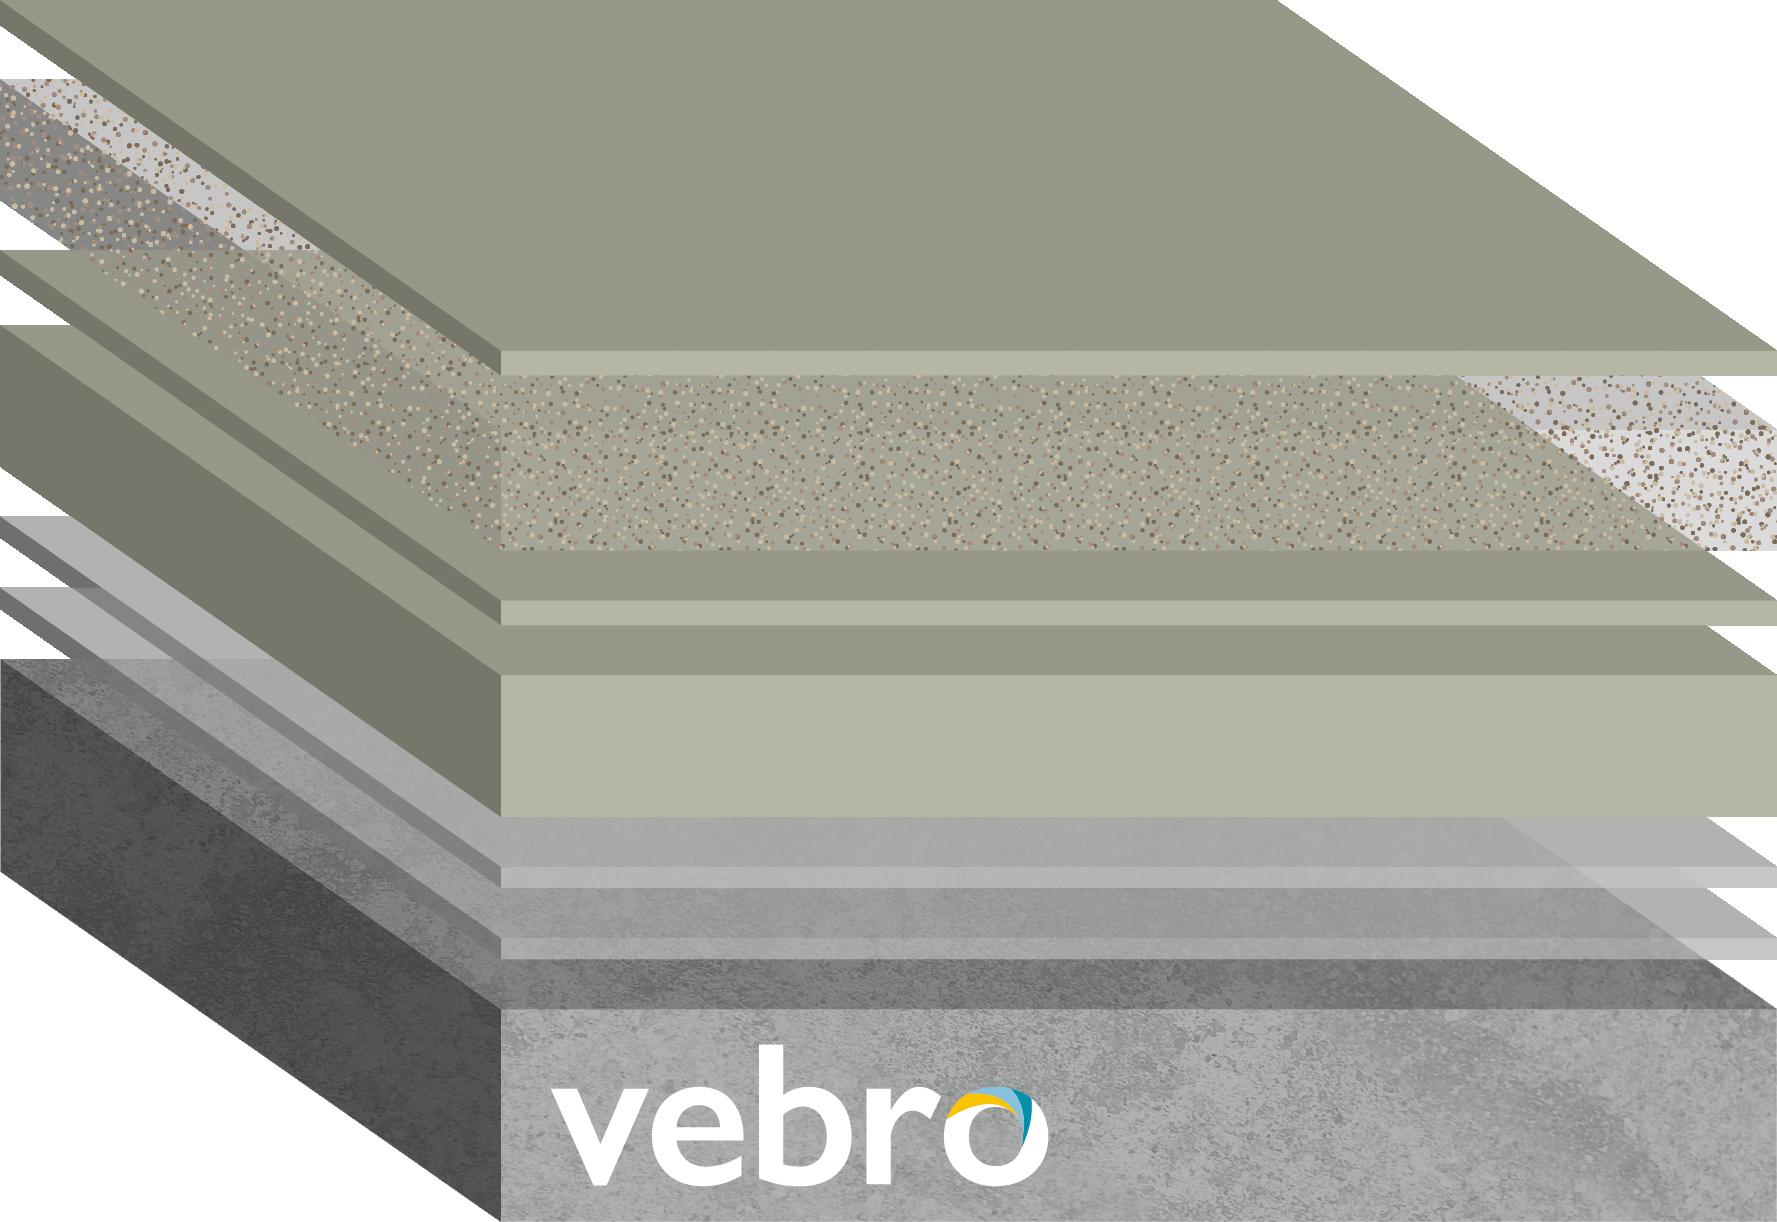 vebrores EP SL SR (Concrete Grey)